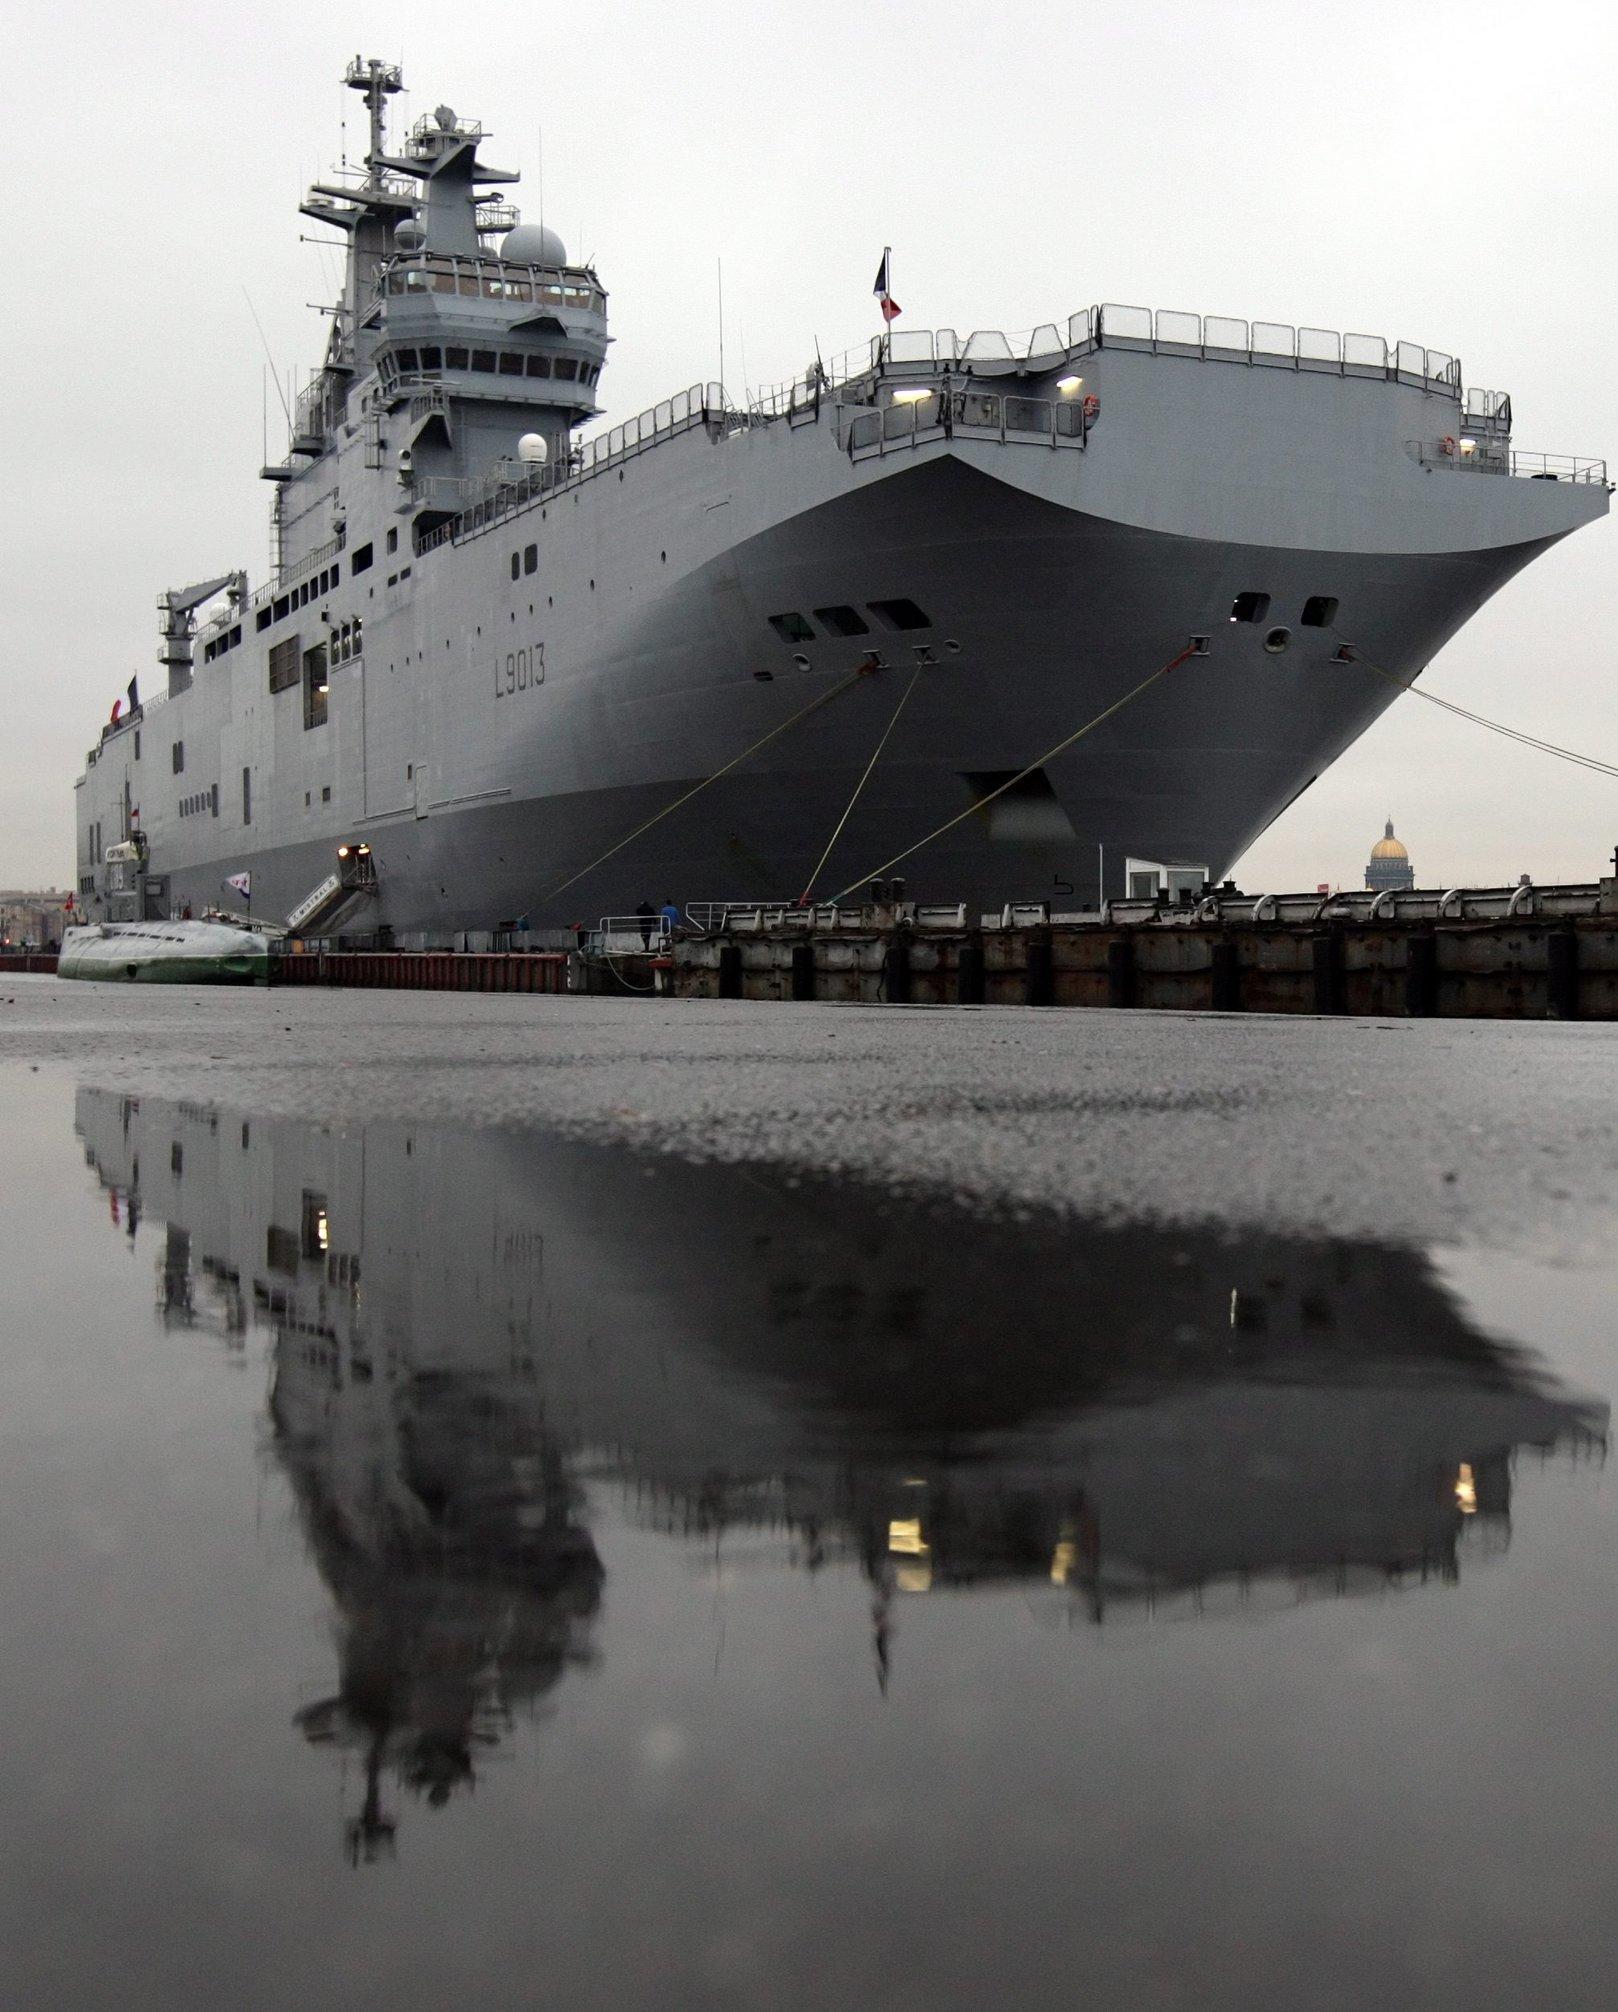 Vier solcher Schiffe der Mistral-Klasse hat Russland in Frankreich bestellt. Die Hubschrauber-Träger stehenfür militärische Hochtechnologie.